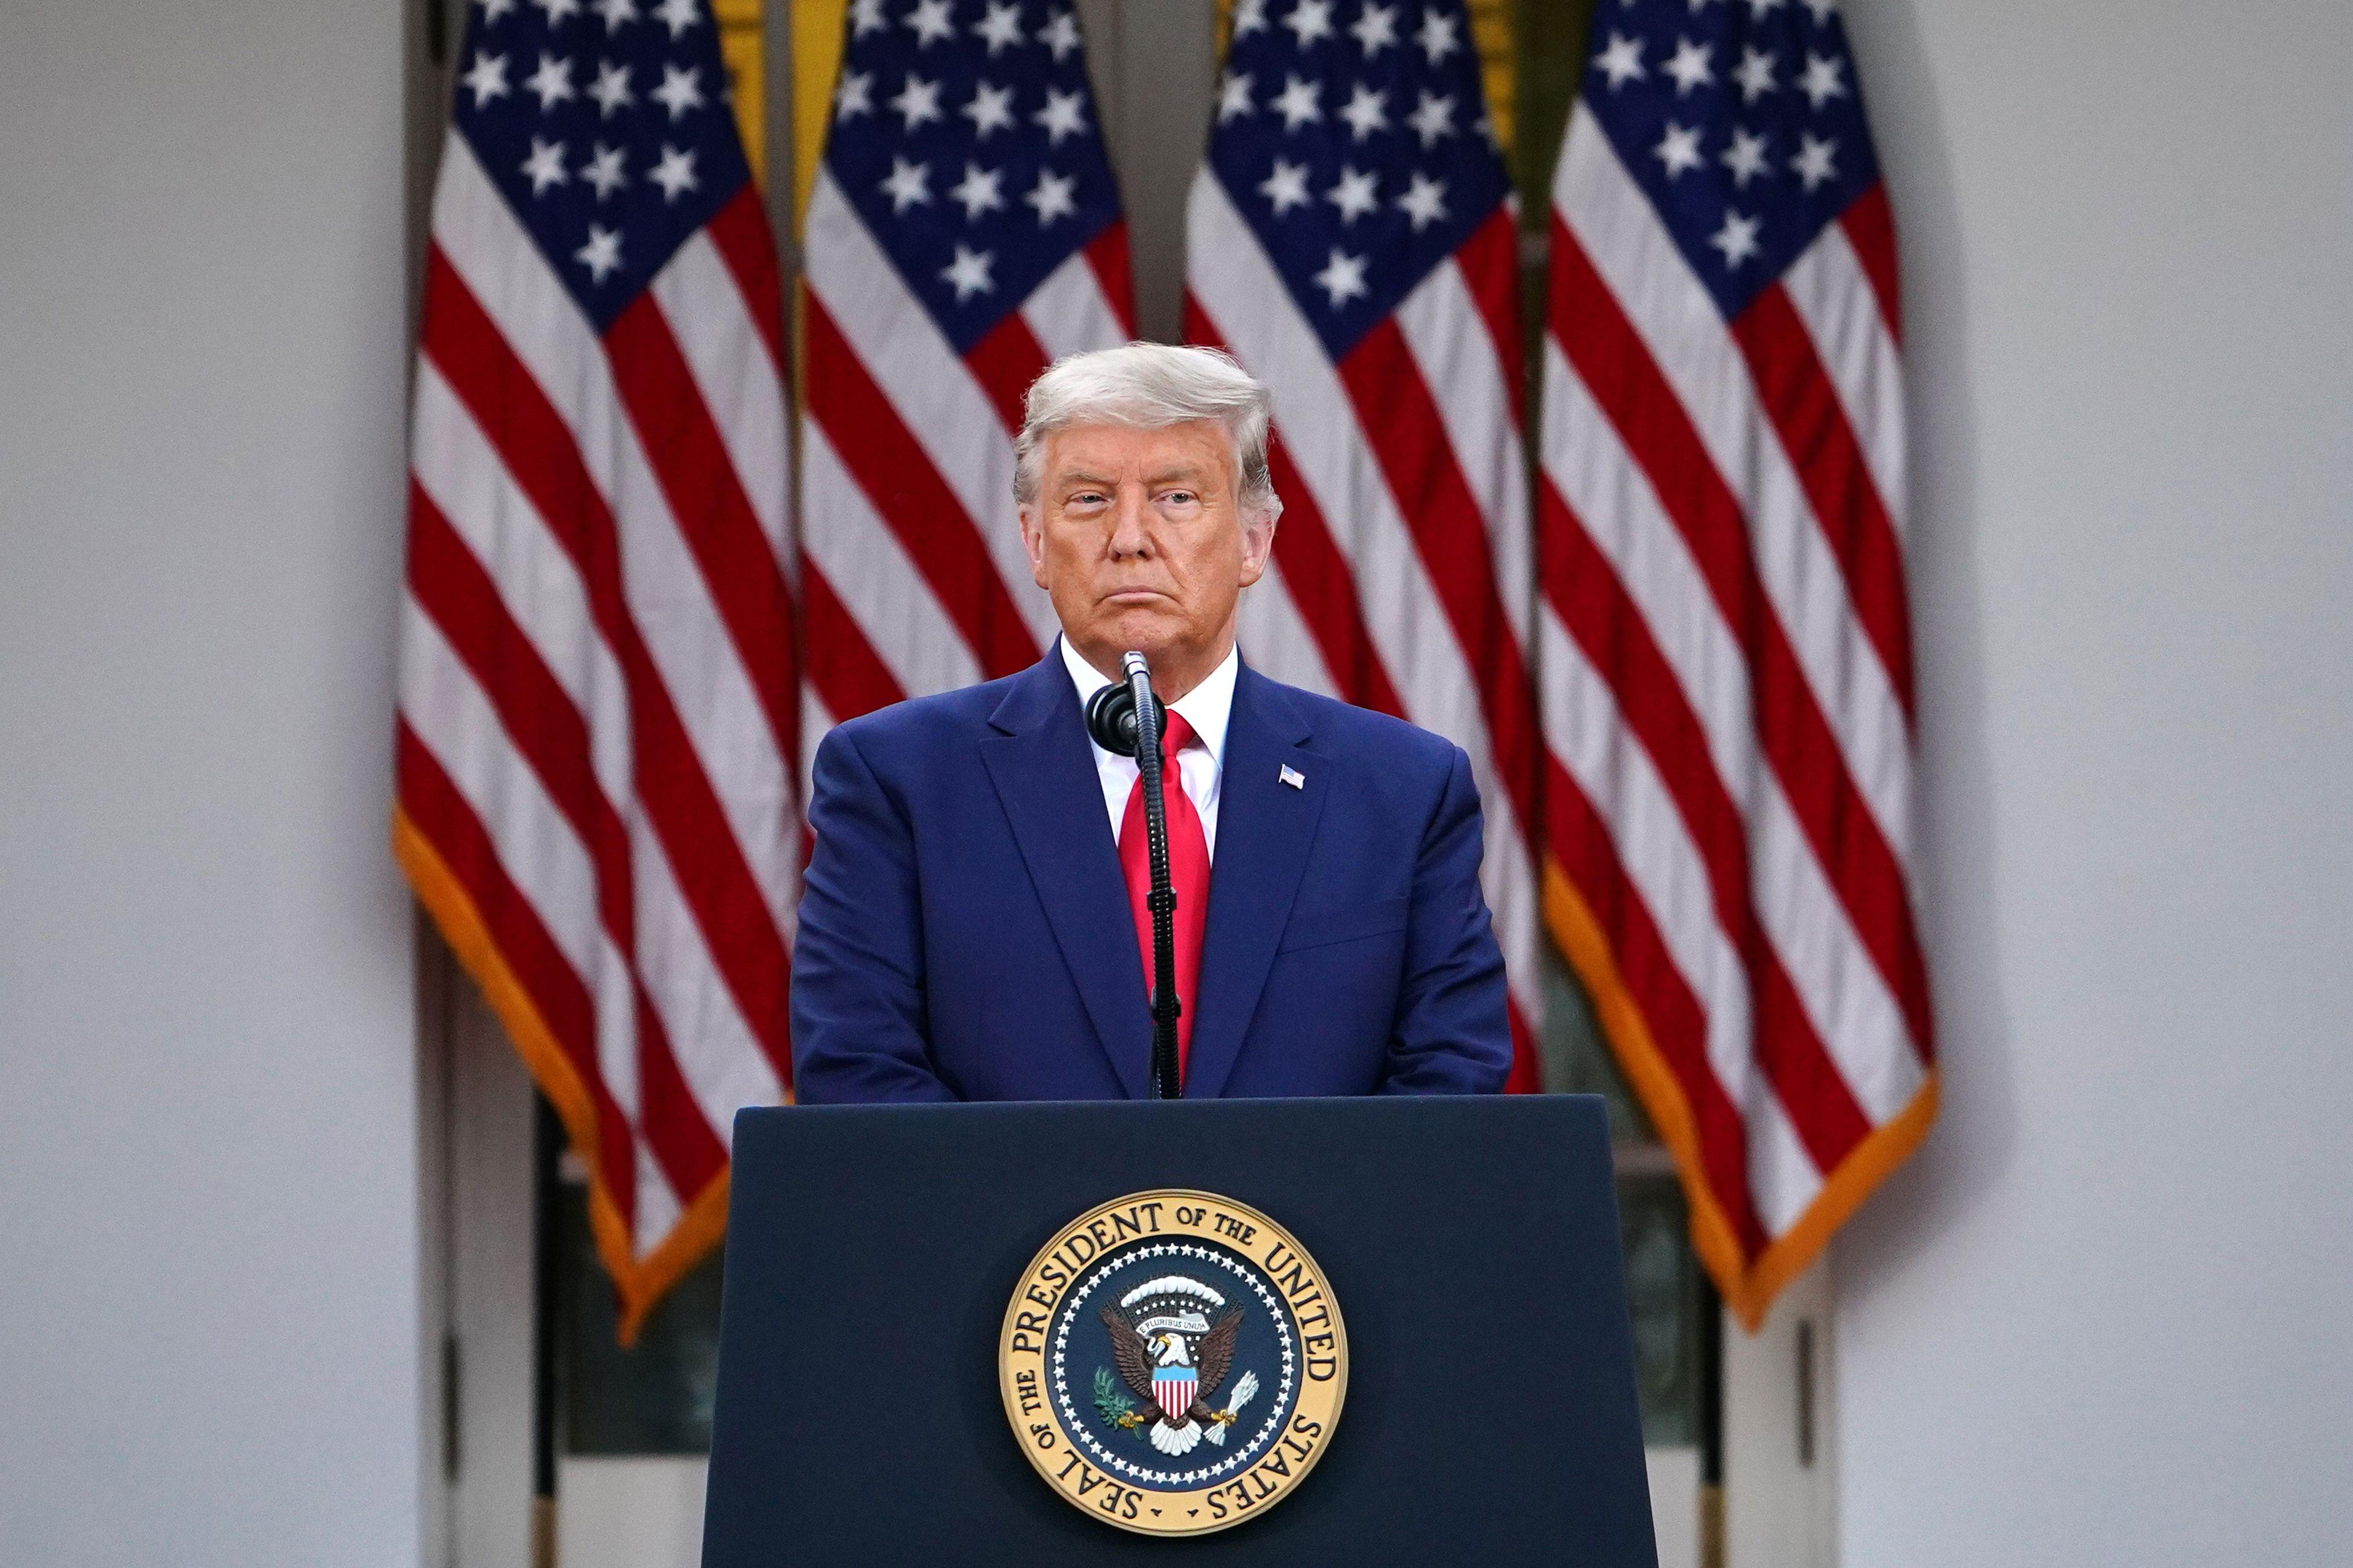 President Donald Trump speaks in the Rose Garden of the White House on November 13.